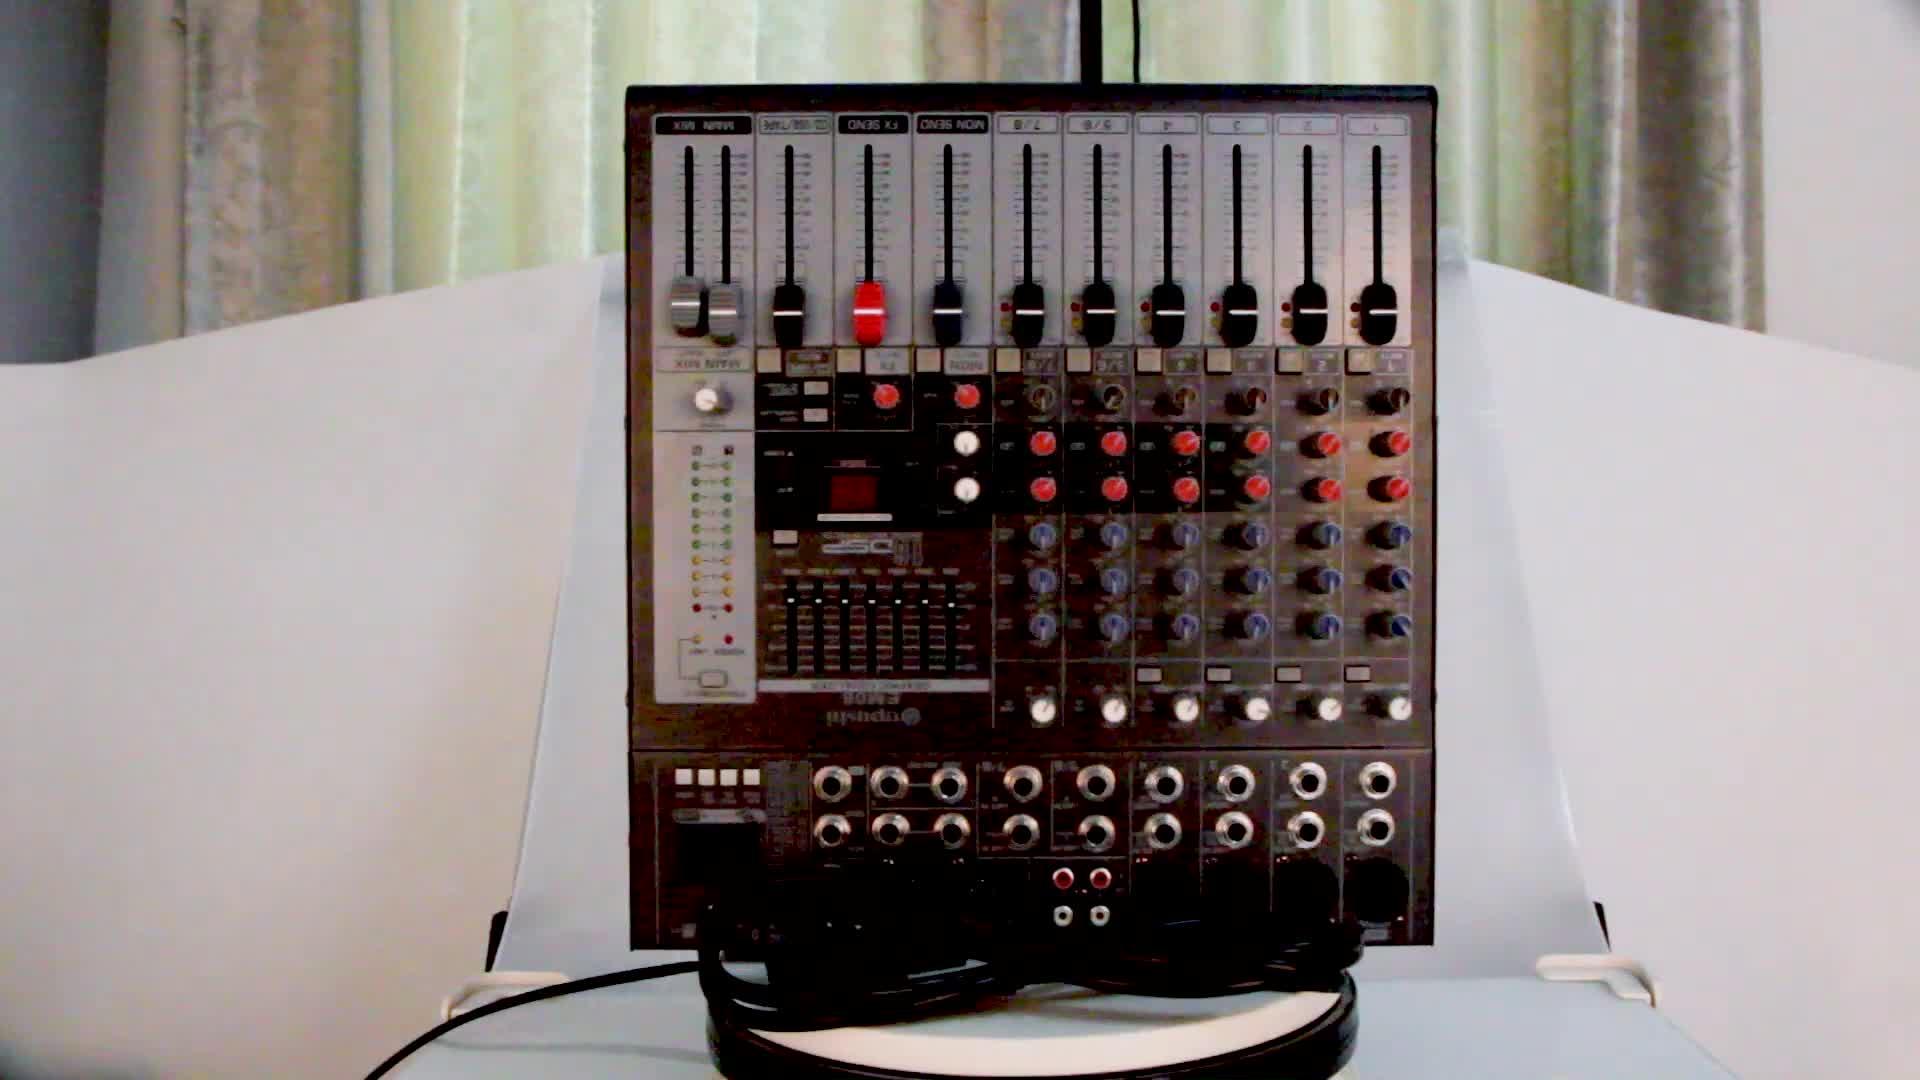 Nacht club professionelle dj lautsprecher mischer 8-kanal audio mixer usb